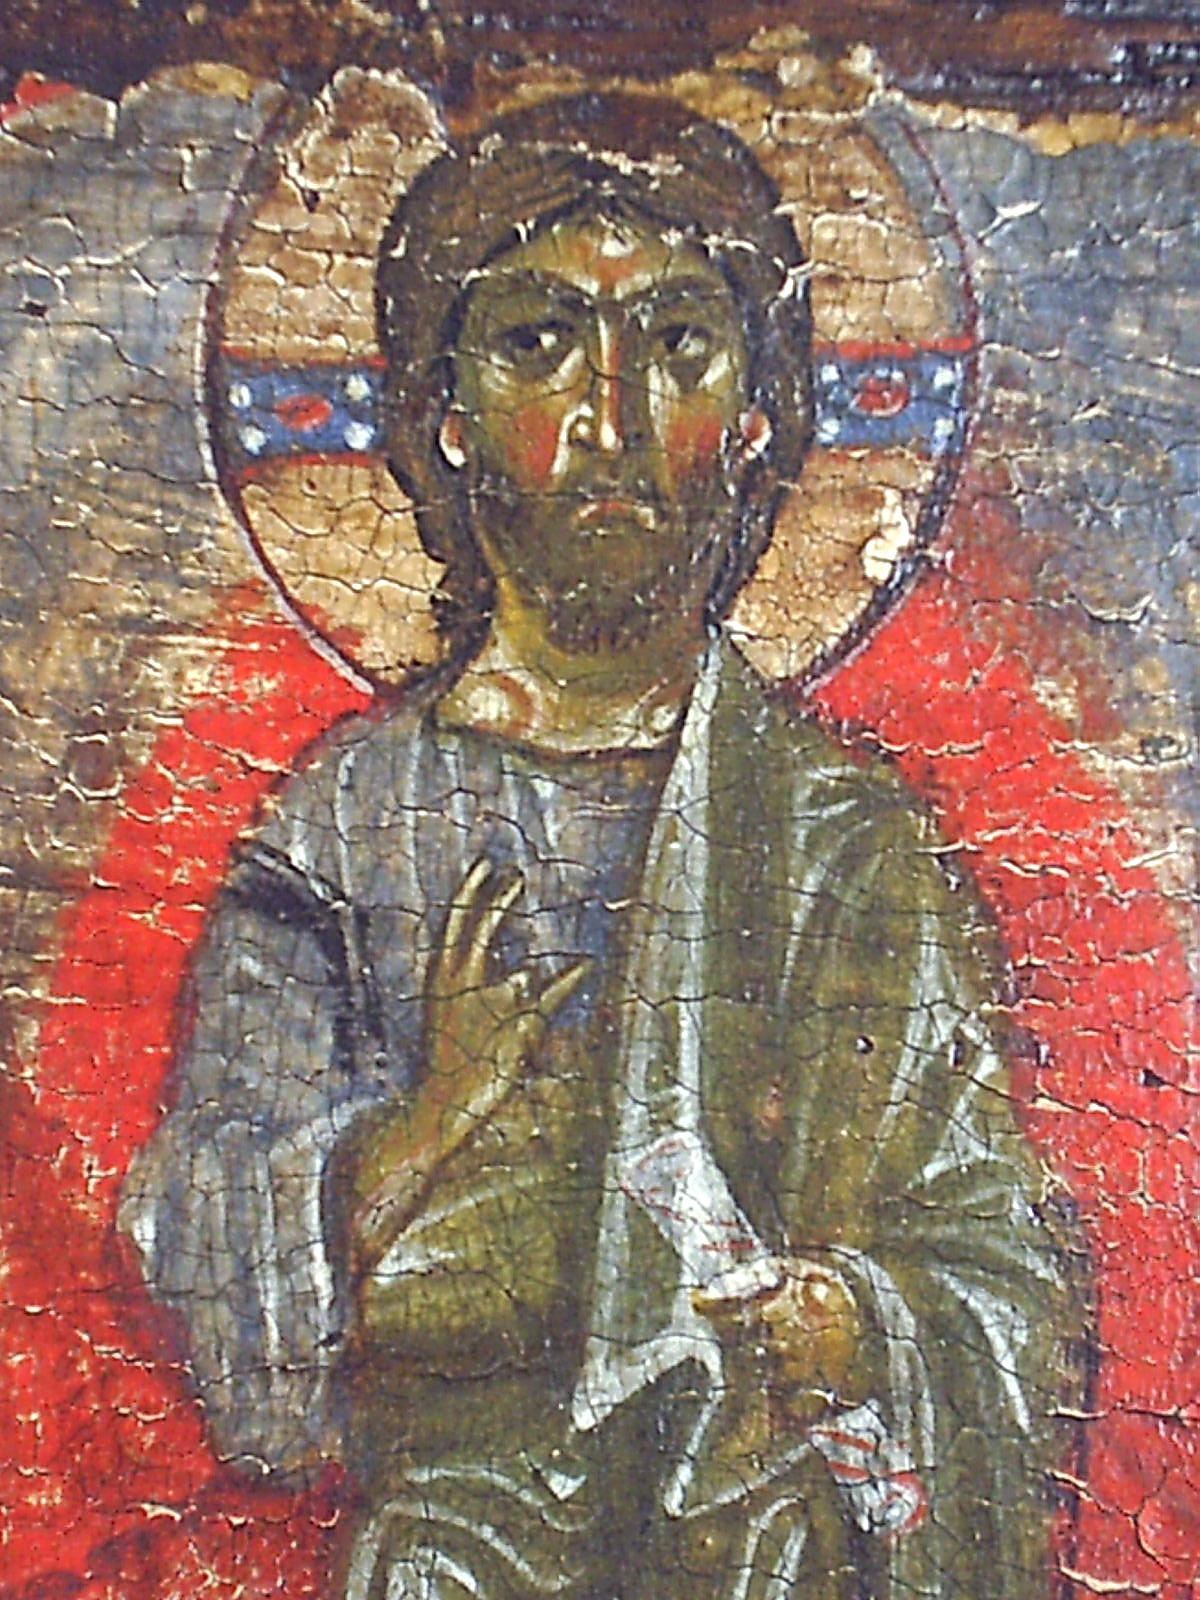 Преображение Господне. Икона. Византия, XII век. ГЭ. Фрагмент - Христос.